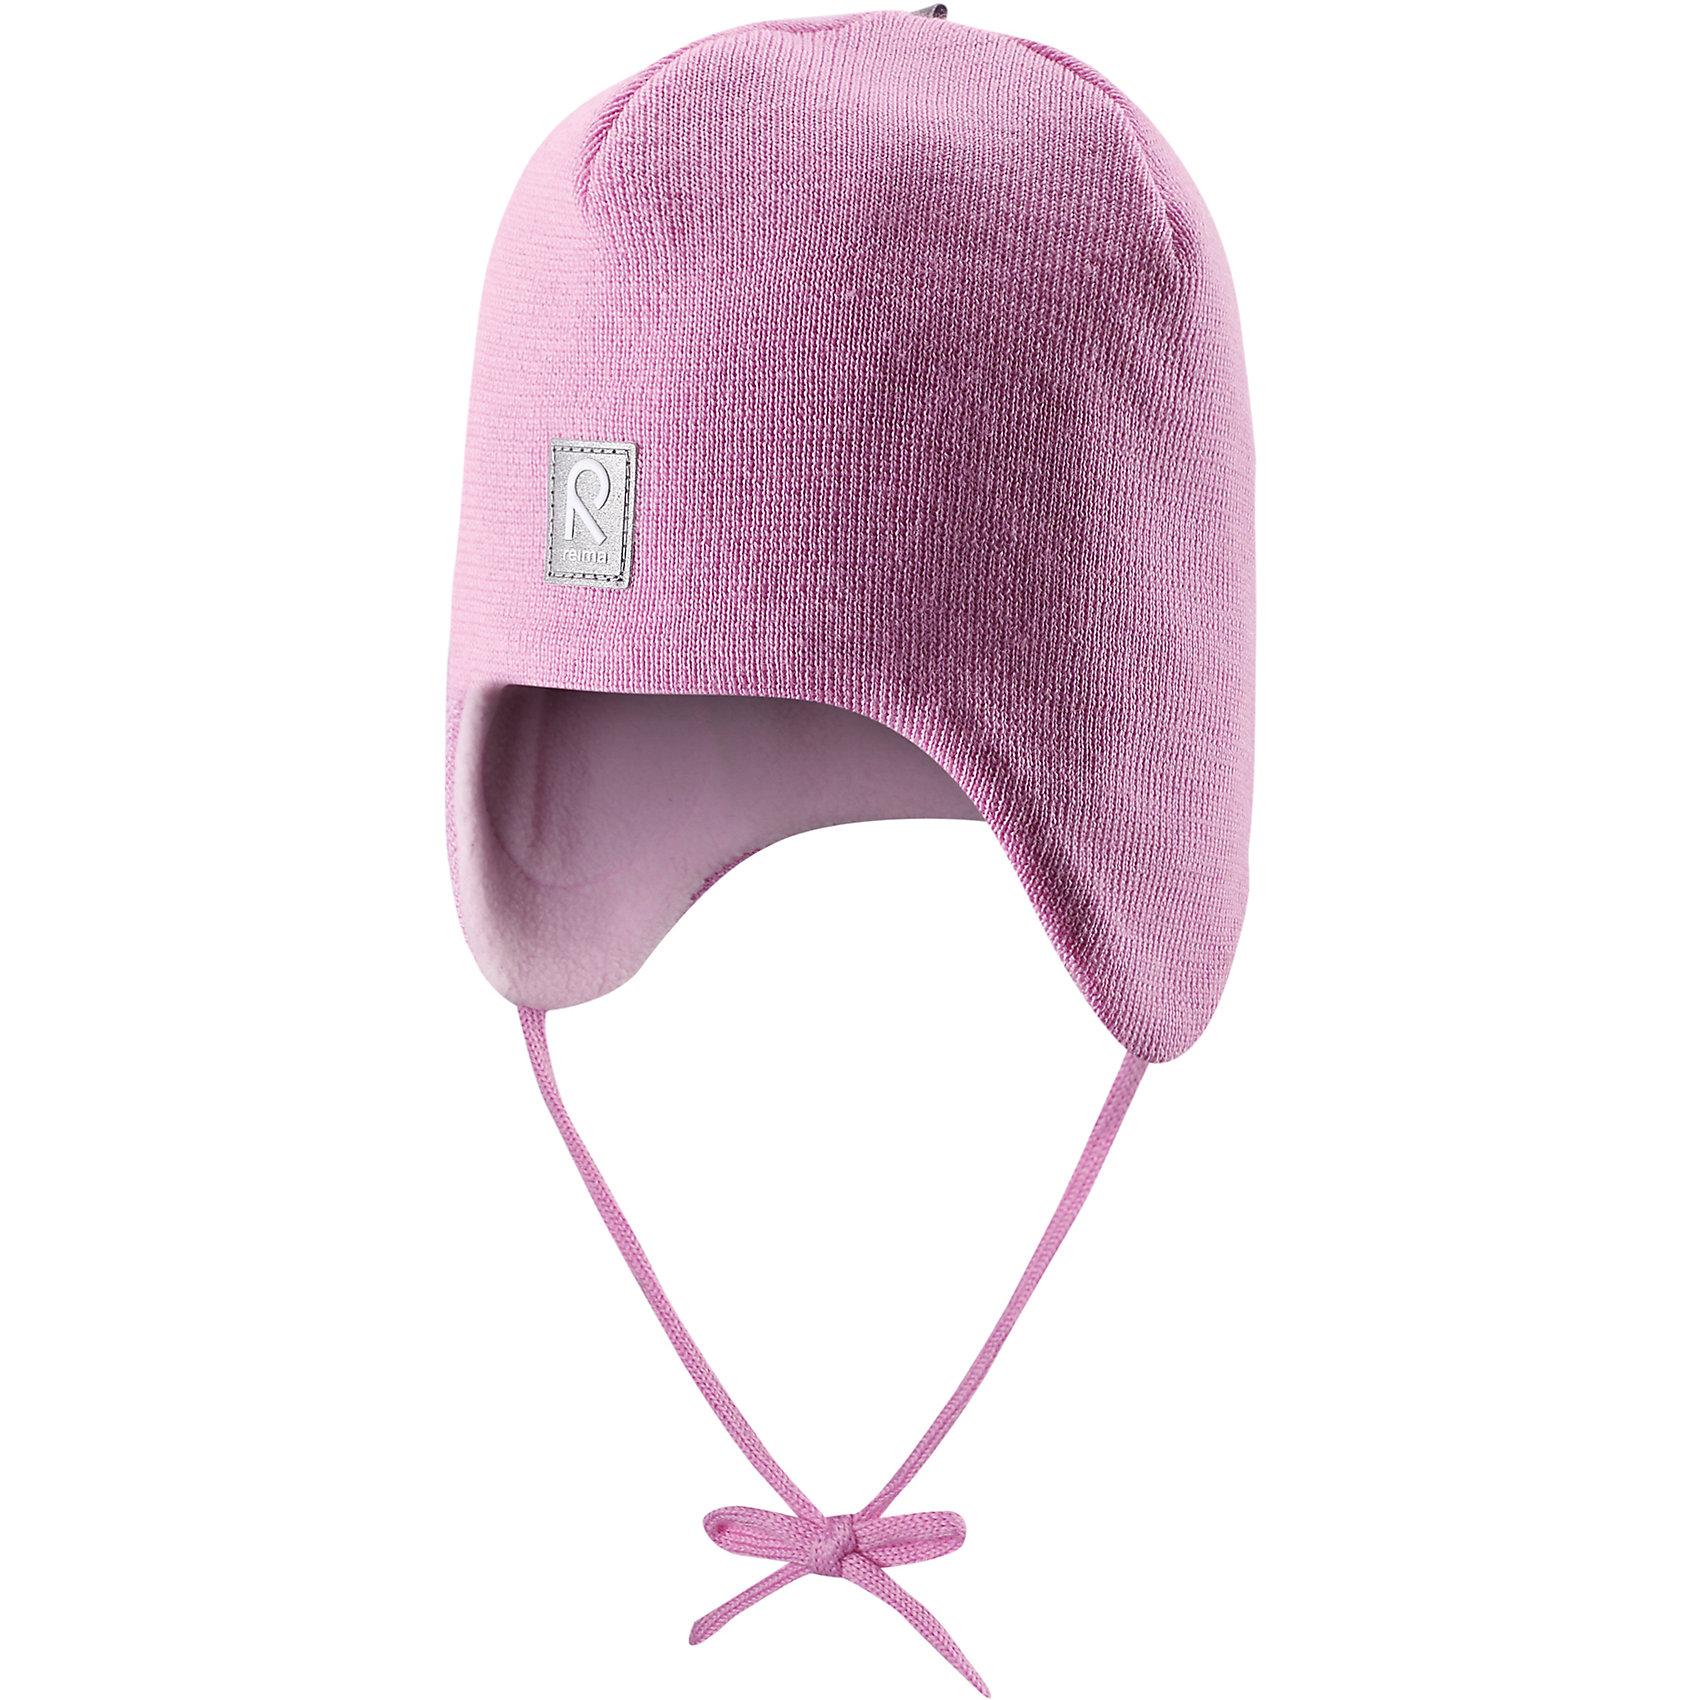 Шапка для девочки ReimaШапки и шарфы<br>Любимая шапка малышей в модных цветах сезона надёжно согреет в холодные зимние дни! Шерстяная шапка для малышей согреет в морозную погоду: мягкая подкладка из флиса для тепла и комфорта. Шерстяная шапка с подкладкой из флиса особенно подходит для маленьких приключений на свежем воздухе, потому что флис быстро высыхает и хорошо выводит влагу. Благодаря эластичной вязке шапка плотно прилегает, а ветронепроницаемые вставки в области ушей защищают маленькие ушки от холодного ветра. Завязки надёжно фиксируют шапку на голове и не натирают. Для завершения стильного образа носите с тёплой горловиной Star!<br><br>Шерстяная шапка для малышей <br>Полностью на подкладке: Мягкий тёплый флис<br>Ветронепроницаемые вставки в области ушей <br>Доступна в однотонном и полосатом вариантах<br>Состав:<br>100% Шерсть<br><br><br>Шапку Reima (Рейма) можно купить в нашем магазине.<br><br>Ширина мм: 89<br>Глубина мм: 117<br>Высота мм: 44<br>Вес г: 155<br>Цвет: розовый<br>Возраст от месяцев: 6<br>Возраст до месяцев: 9<br>Пол: Женский<br>Возраст: Детский<br>Размер: 46,50,52,48<br>SKU: 4208660